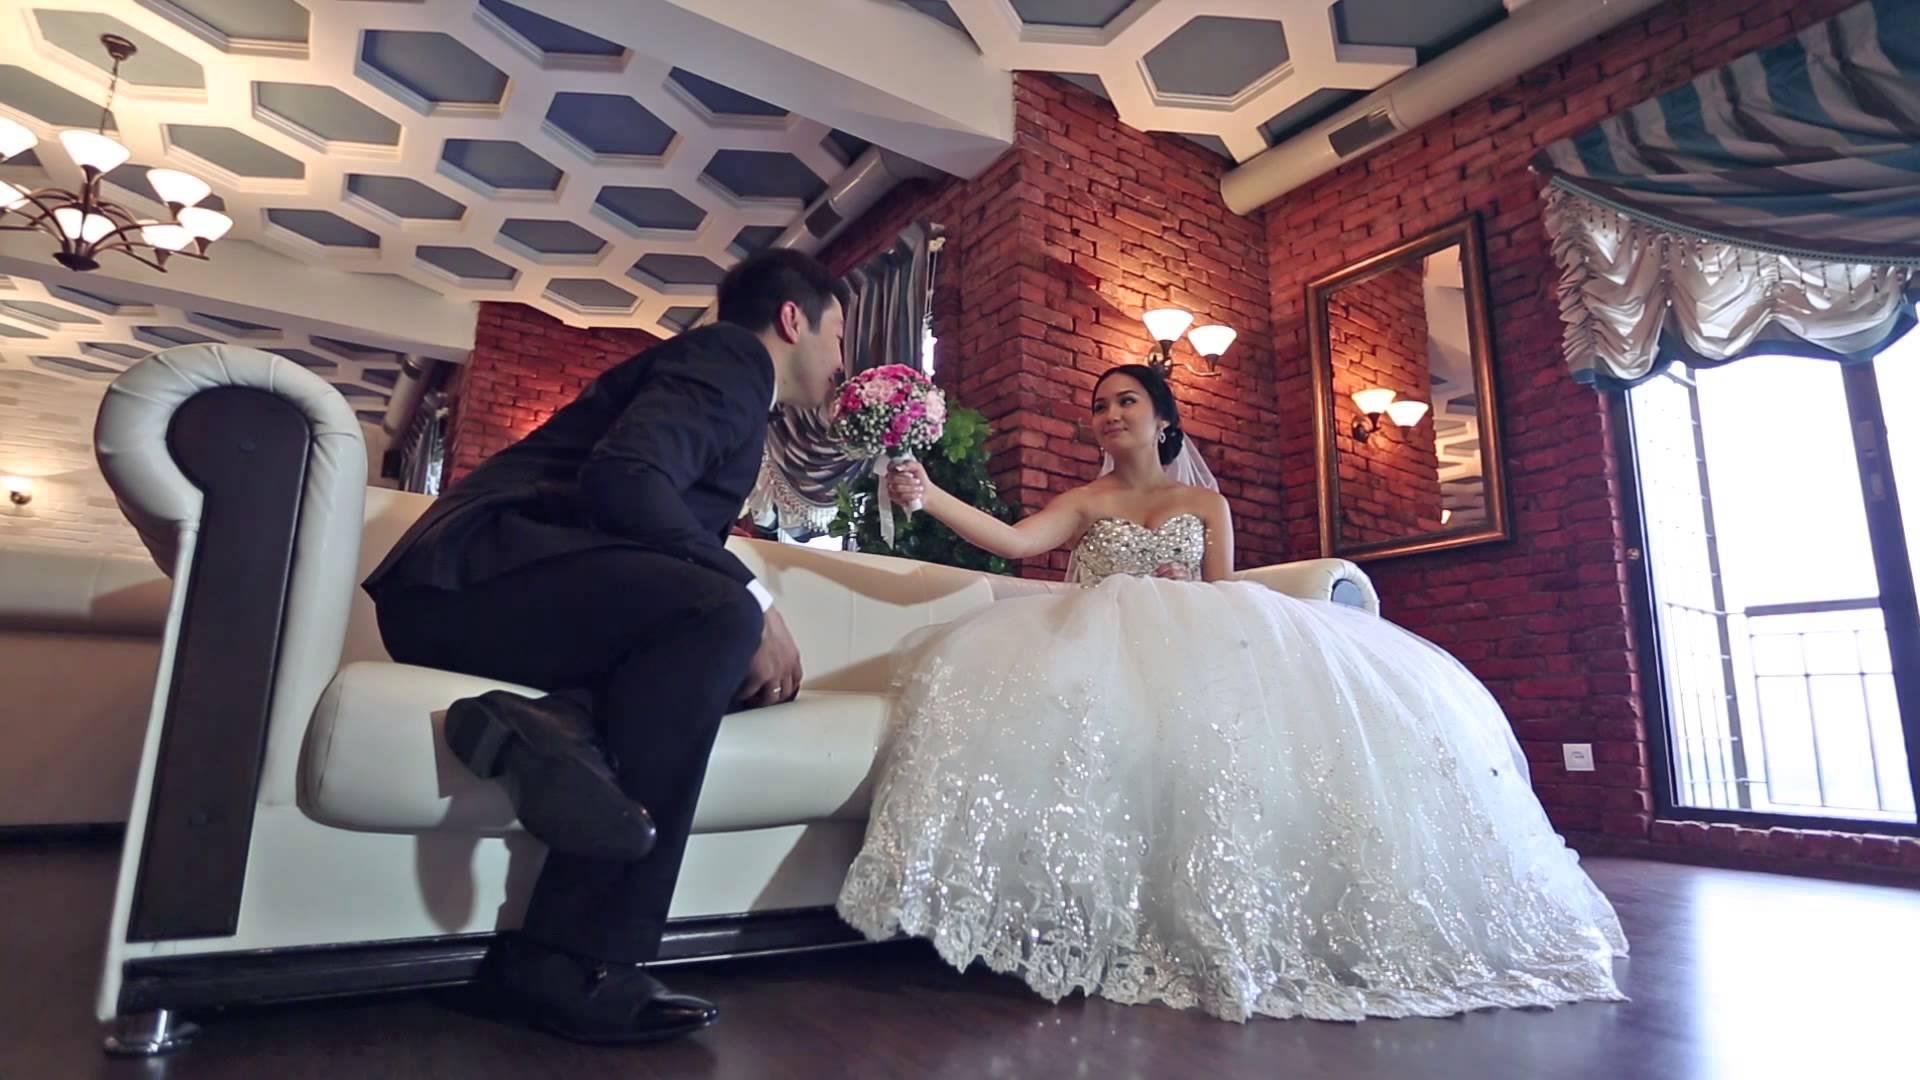 5Sj51ZsLEbc - Организация и проведение свадьбы: на чем сэкономить?